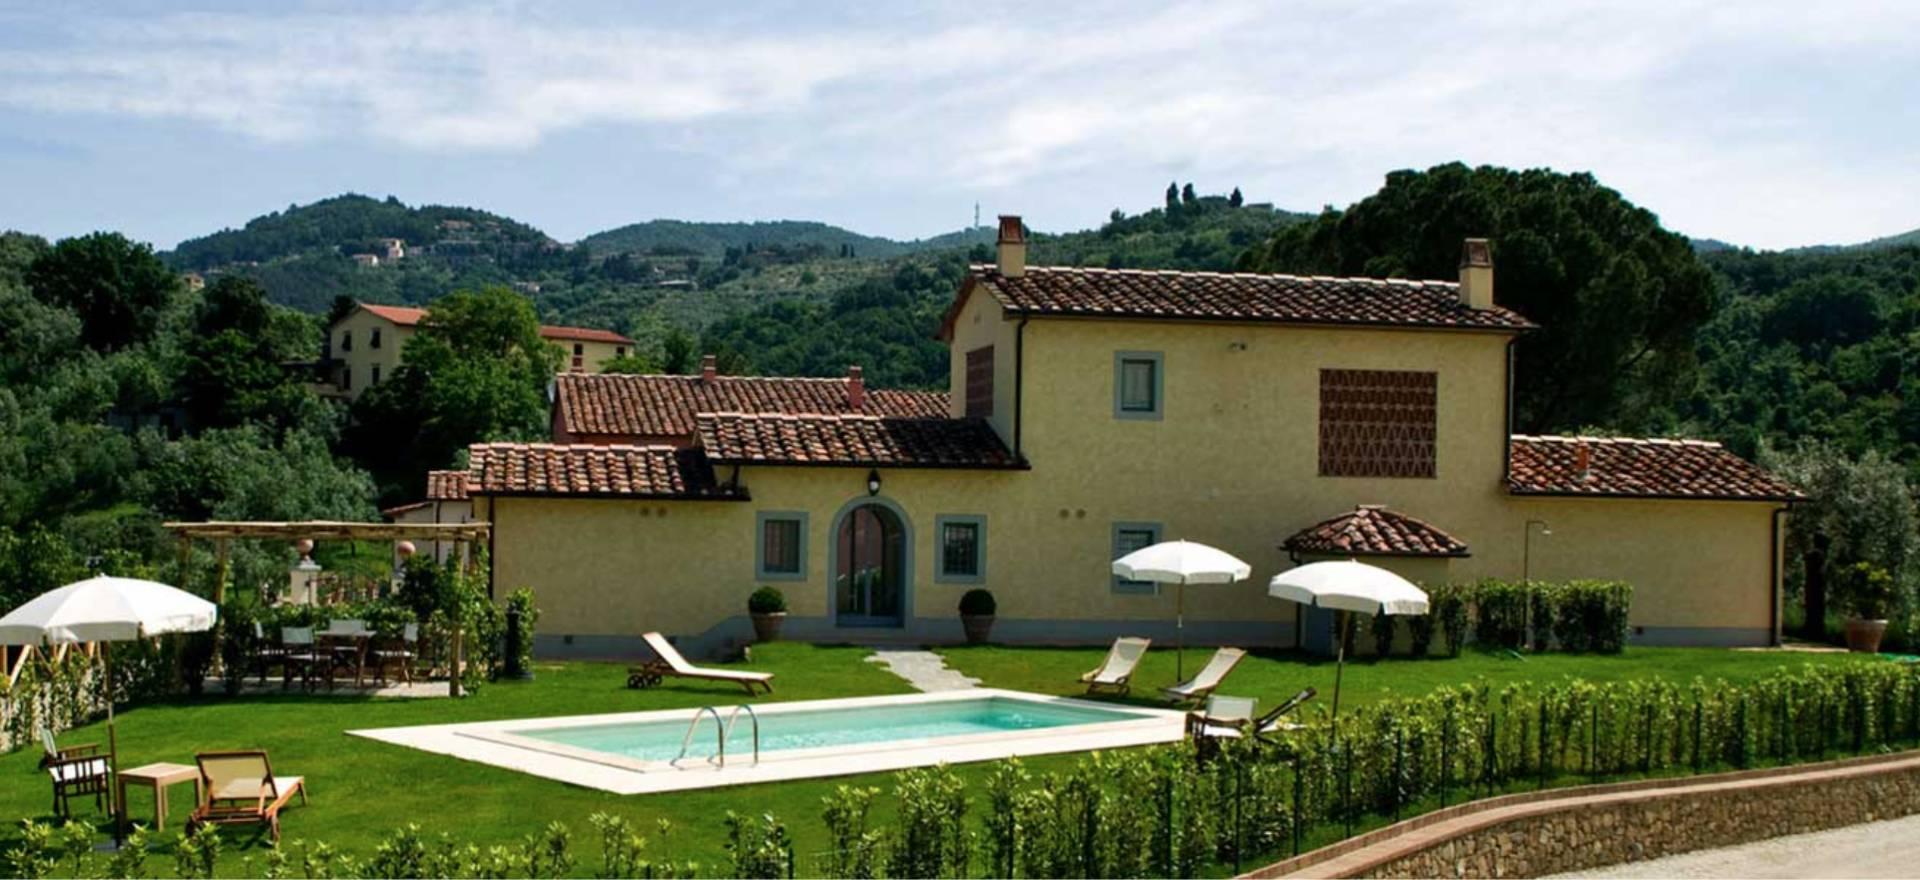 Agriturismo Toscane Leuke agriturismo voor een vakantie met kinderen